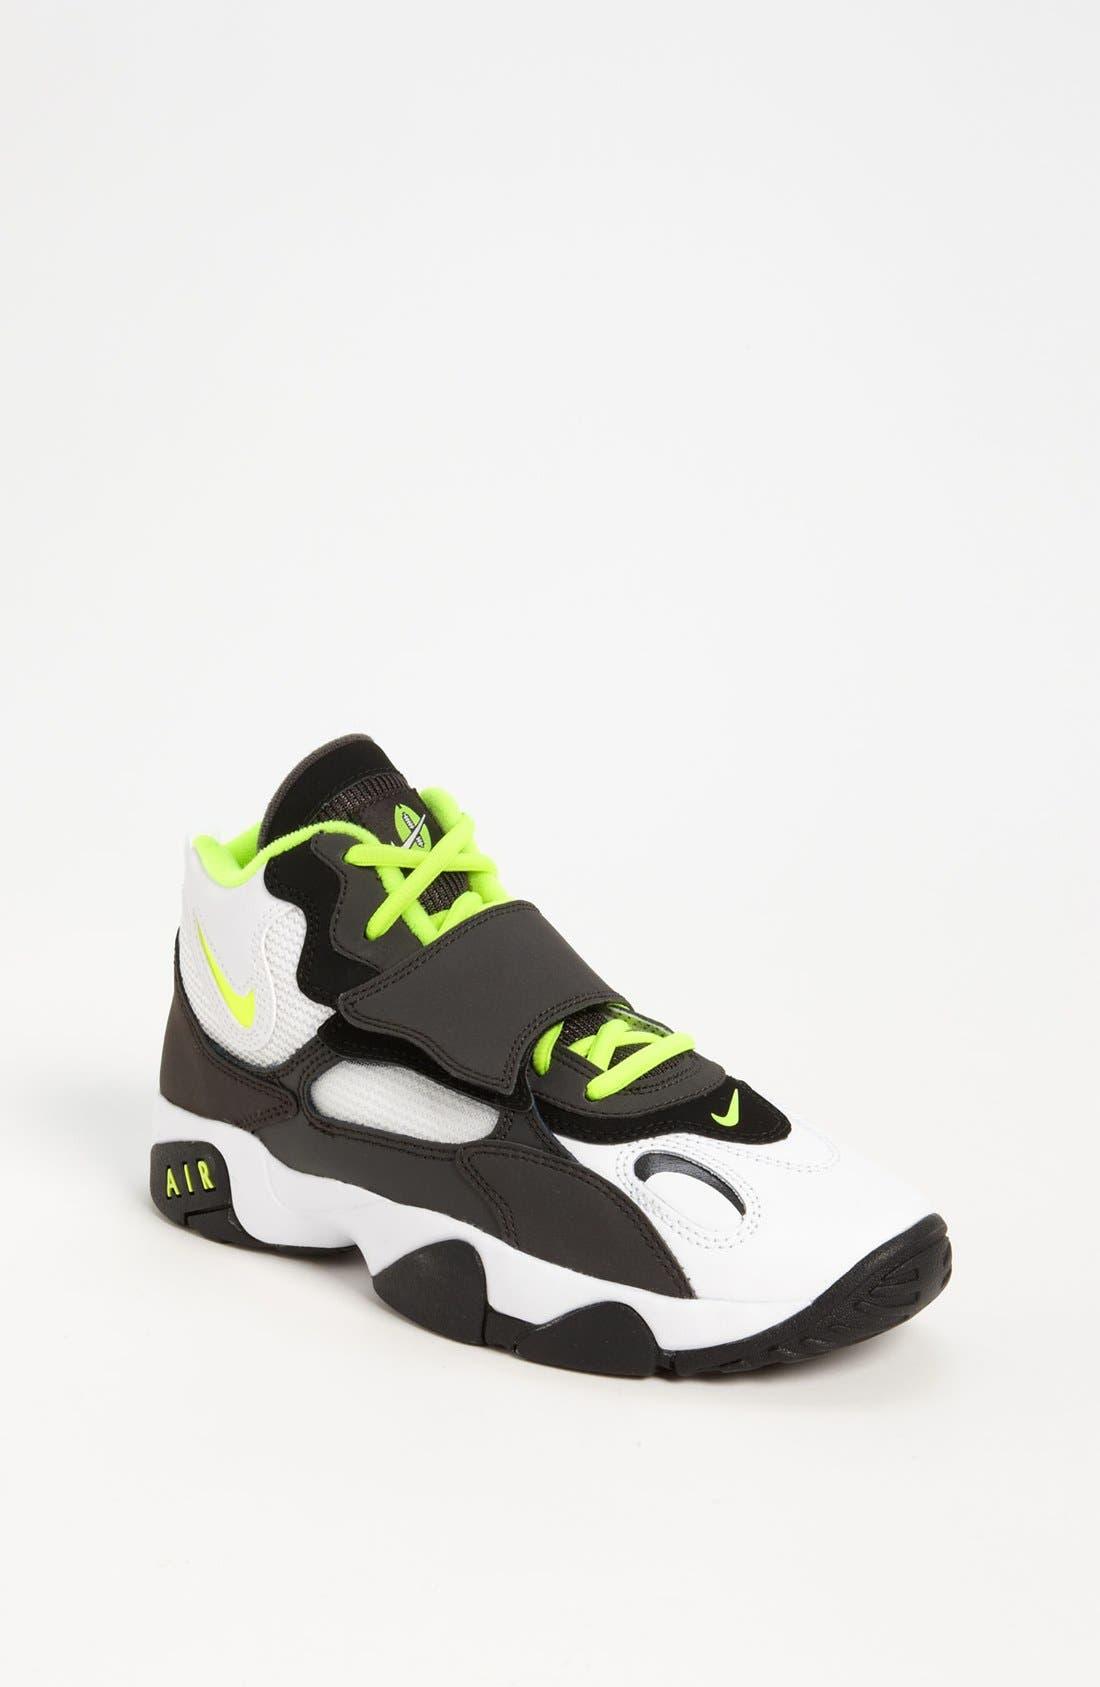 Alternate Image 1 Selected - Nike 'Air® Speed Turf' Athletic Shoe (Big Kid)